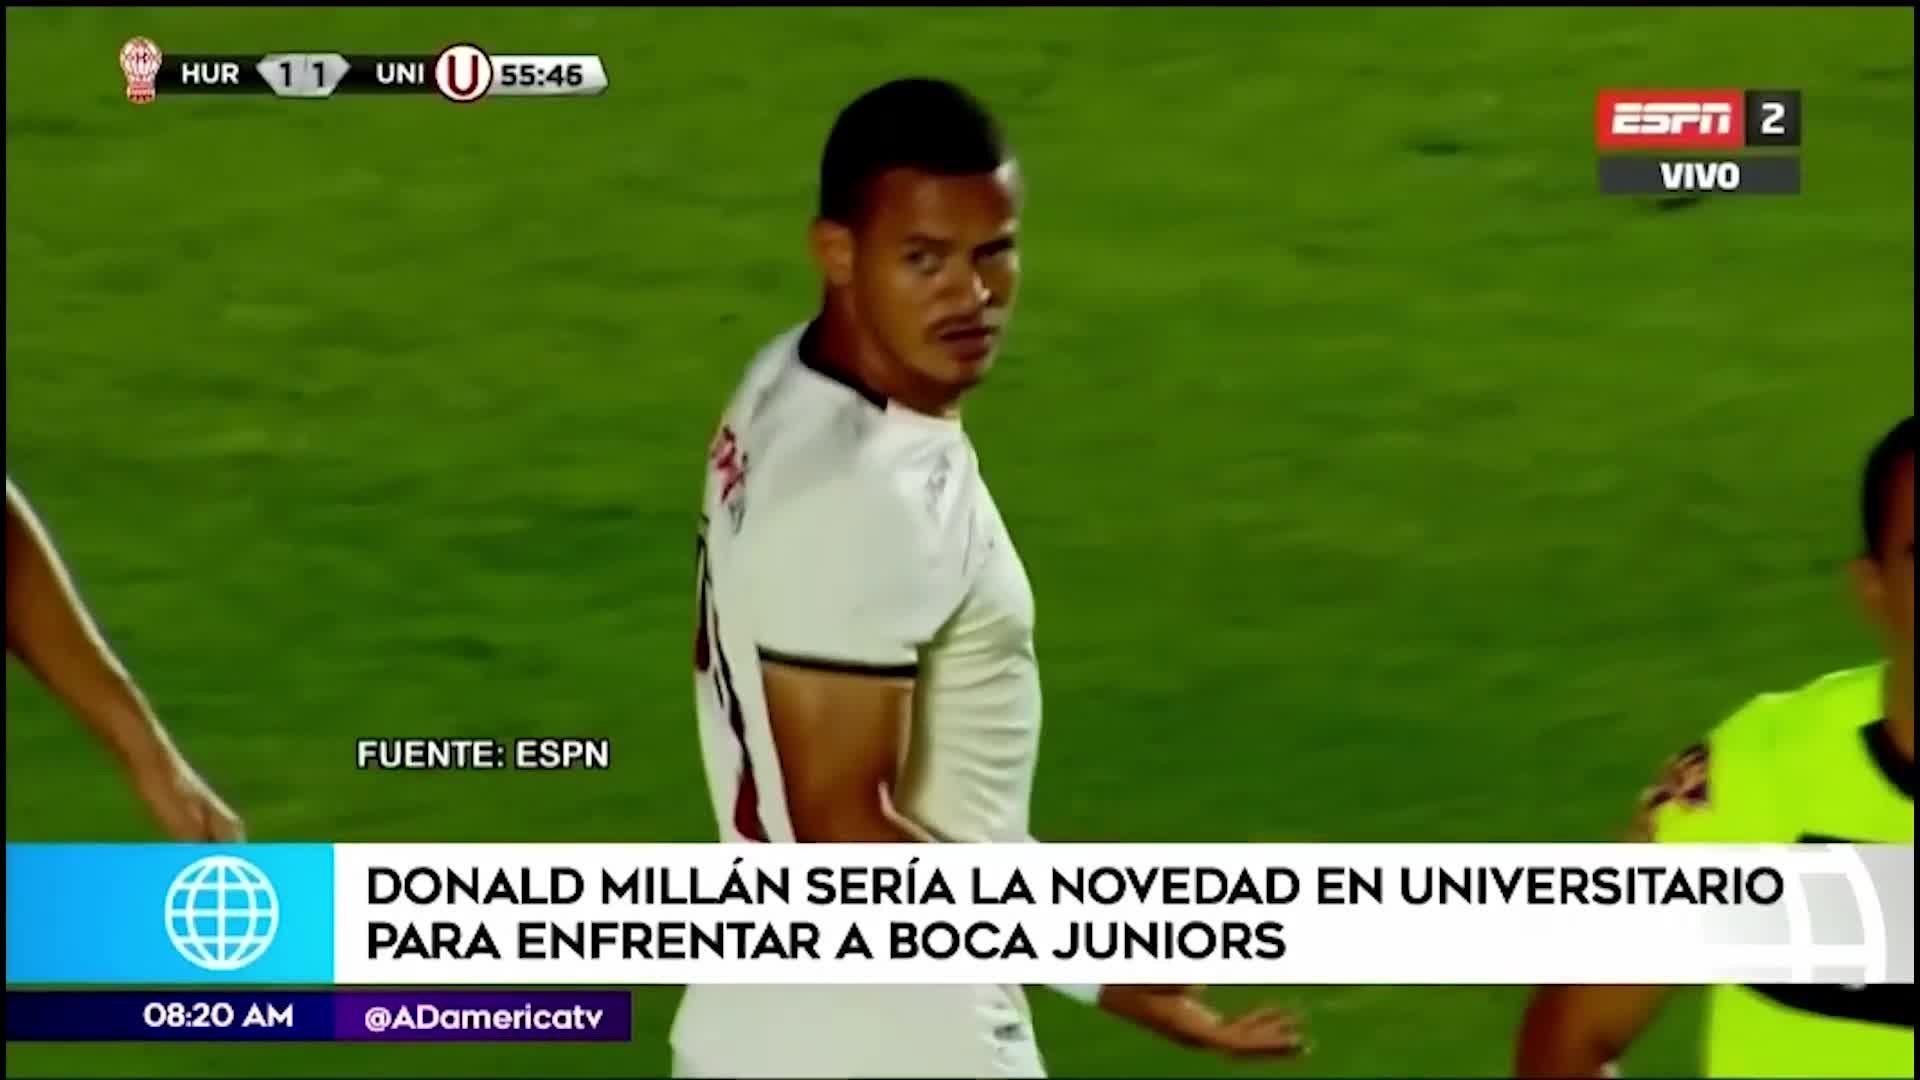 Donald Millán sería el 'as' bajo la manga para enfrentar a Boca Juniors